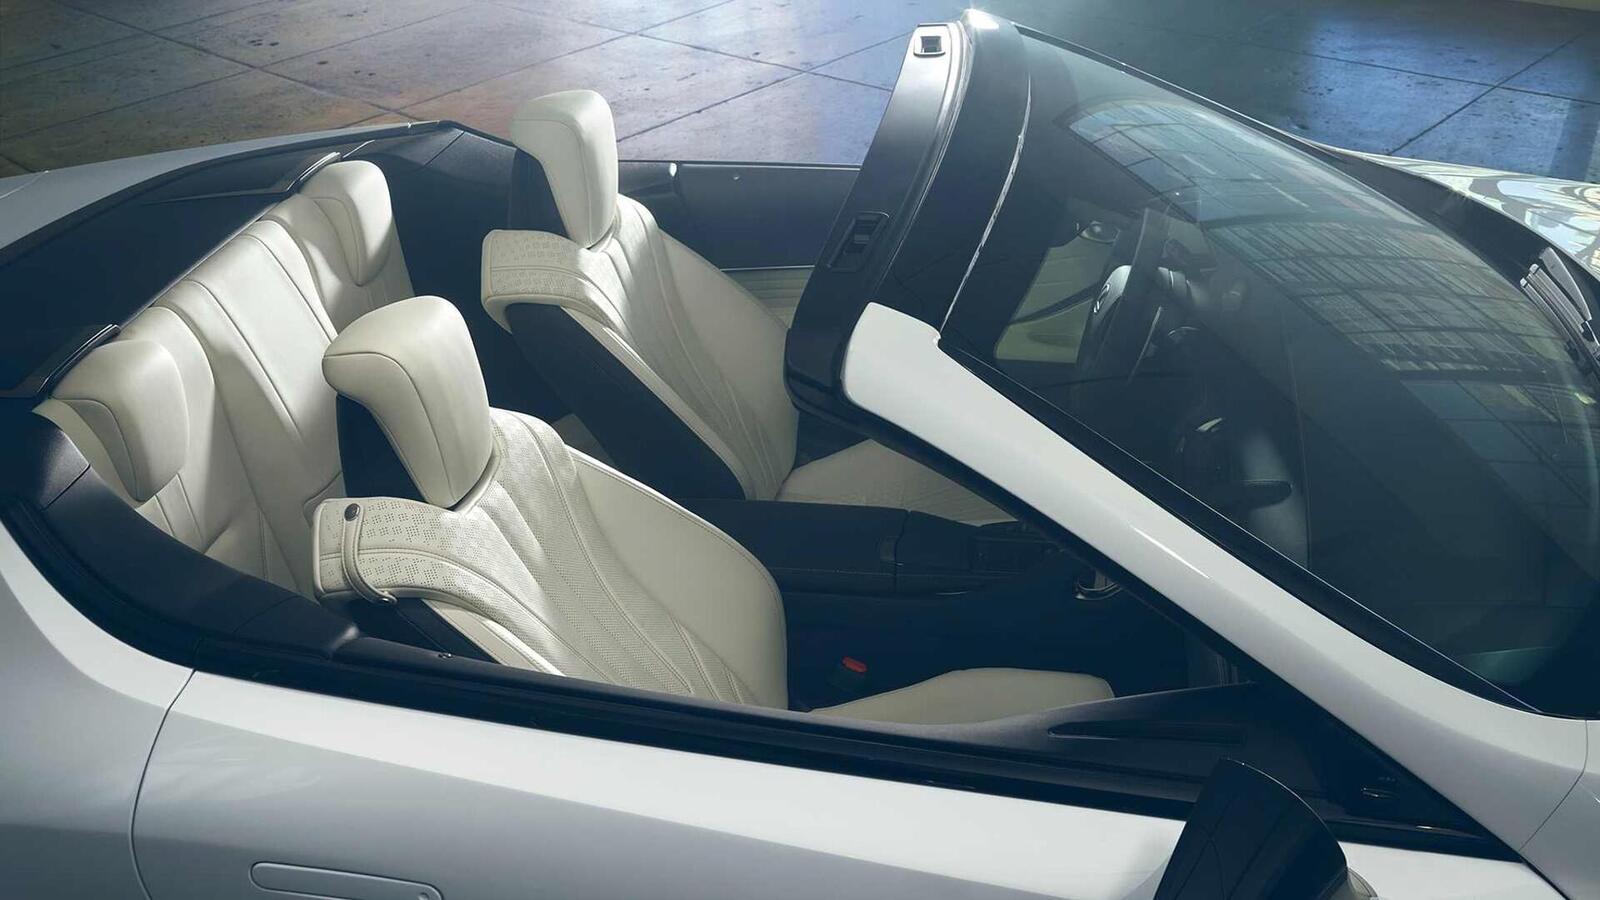 Lexus LC Convertible Concept 2020 sắp ra mắt tại Triển Lãm ô tô Quốc Tế Bắc Mỹ 2019 - Hình 12